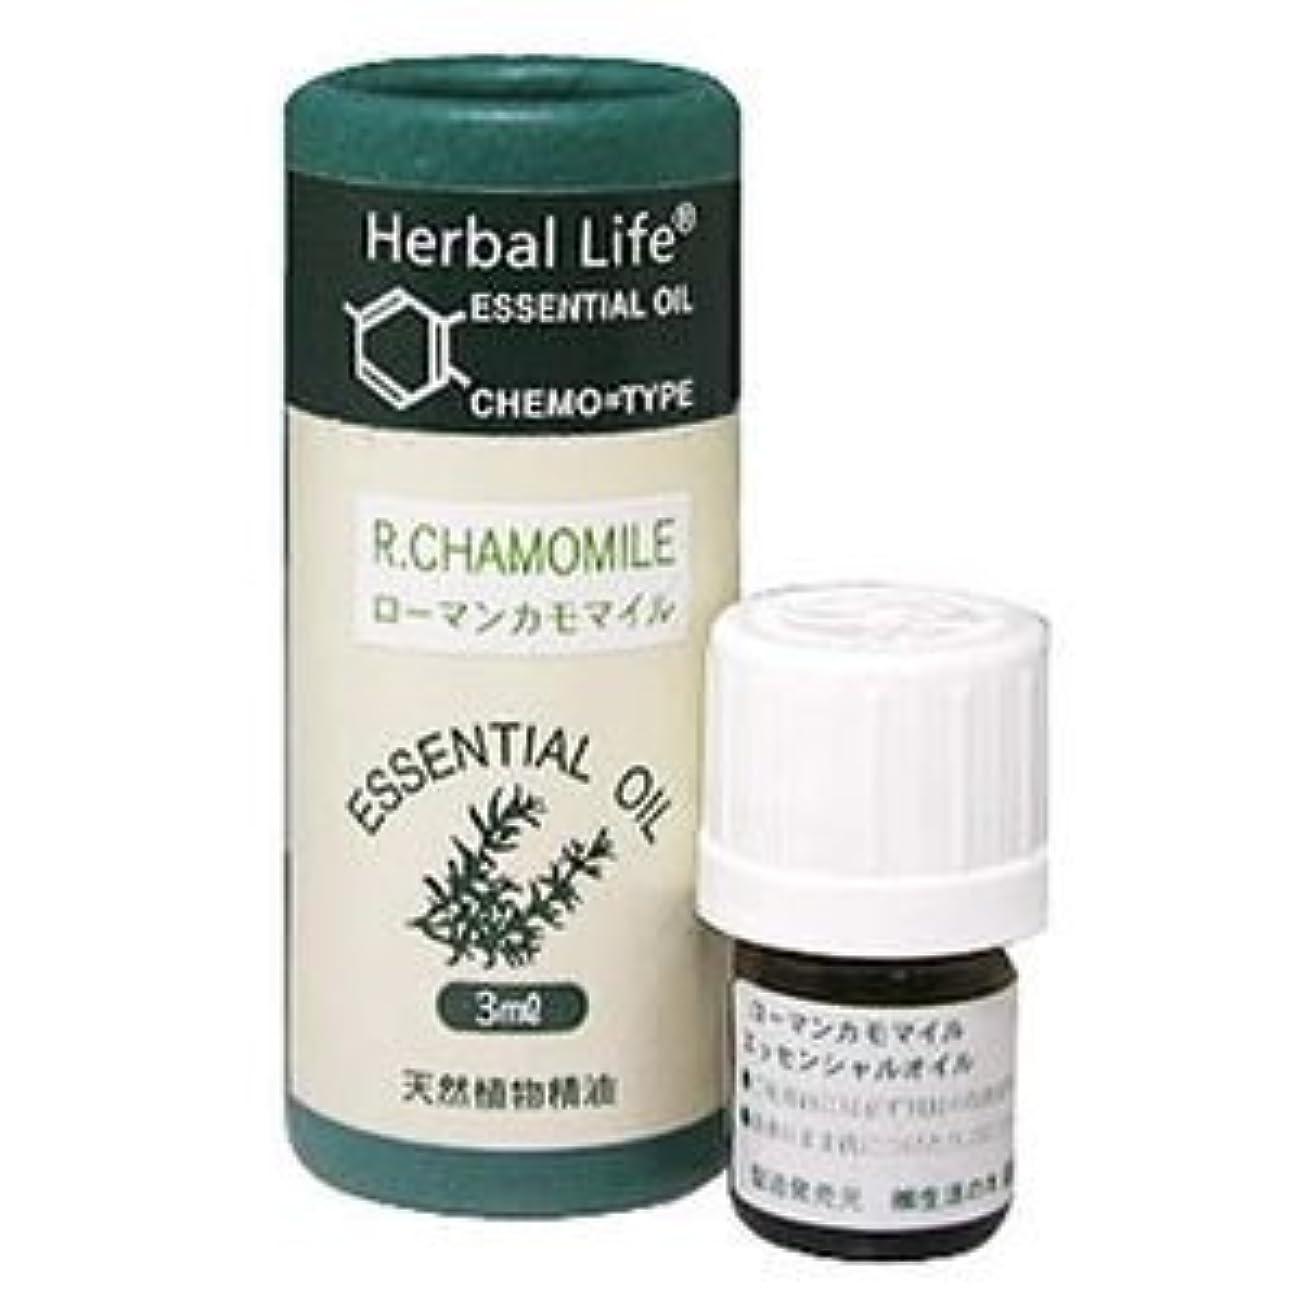 承認インフラ霧Herbal Life カモマイル?ローマン 3ml